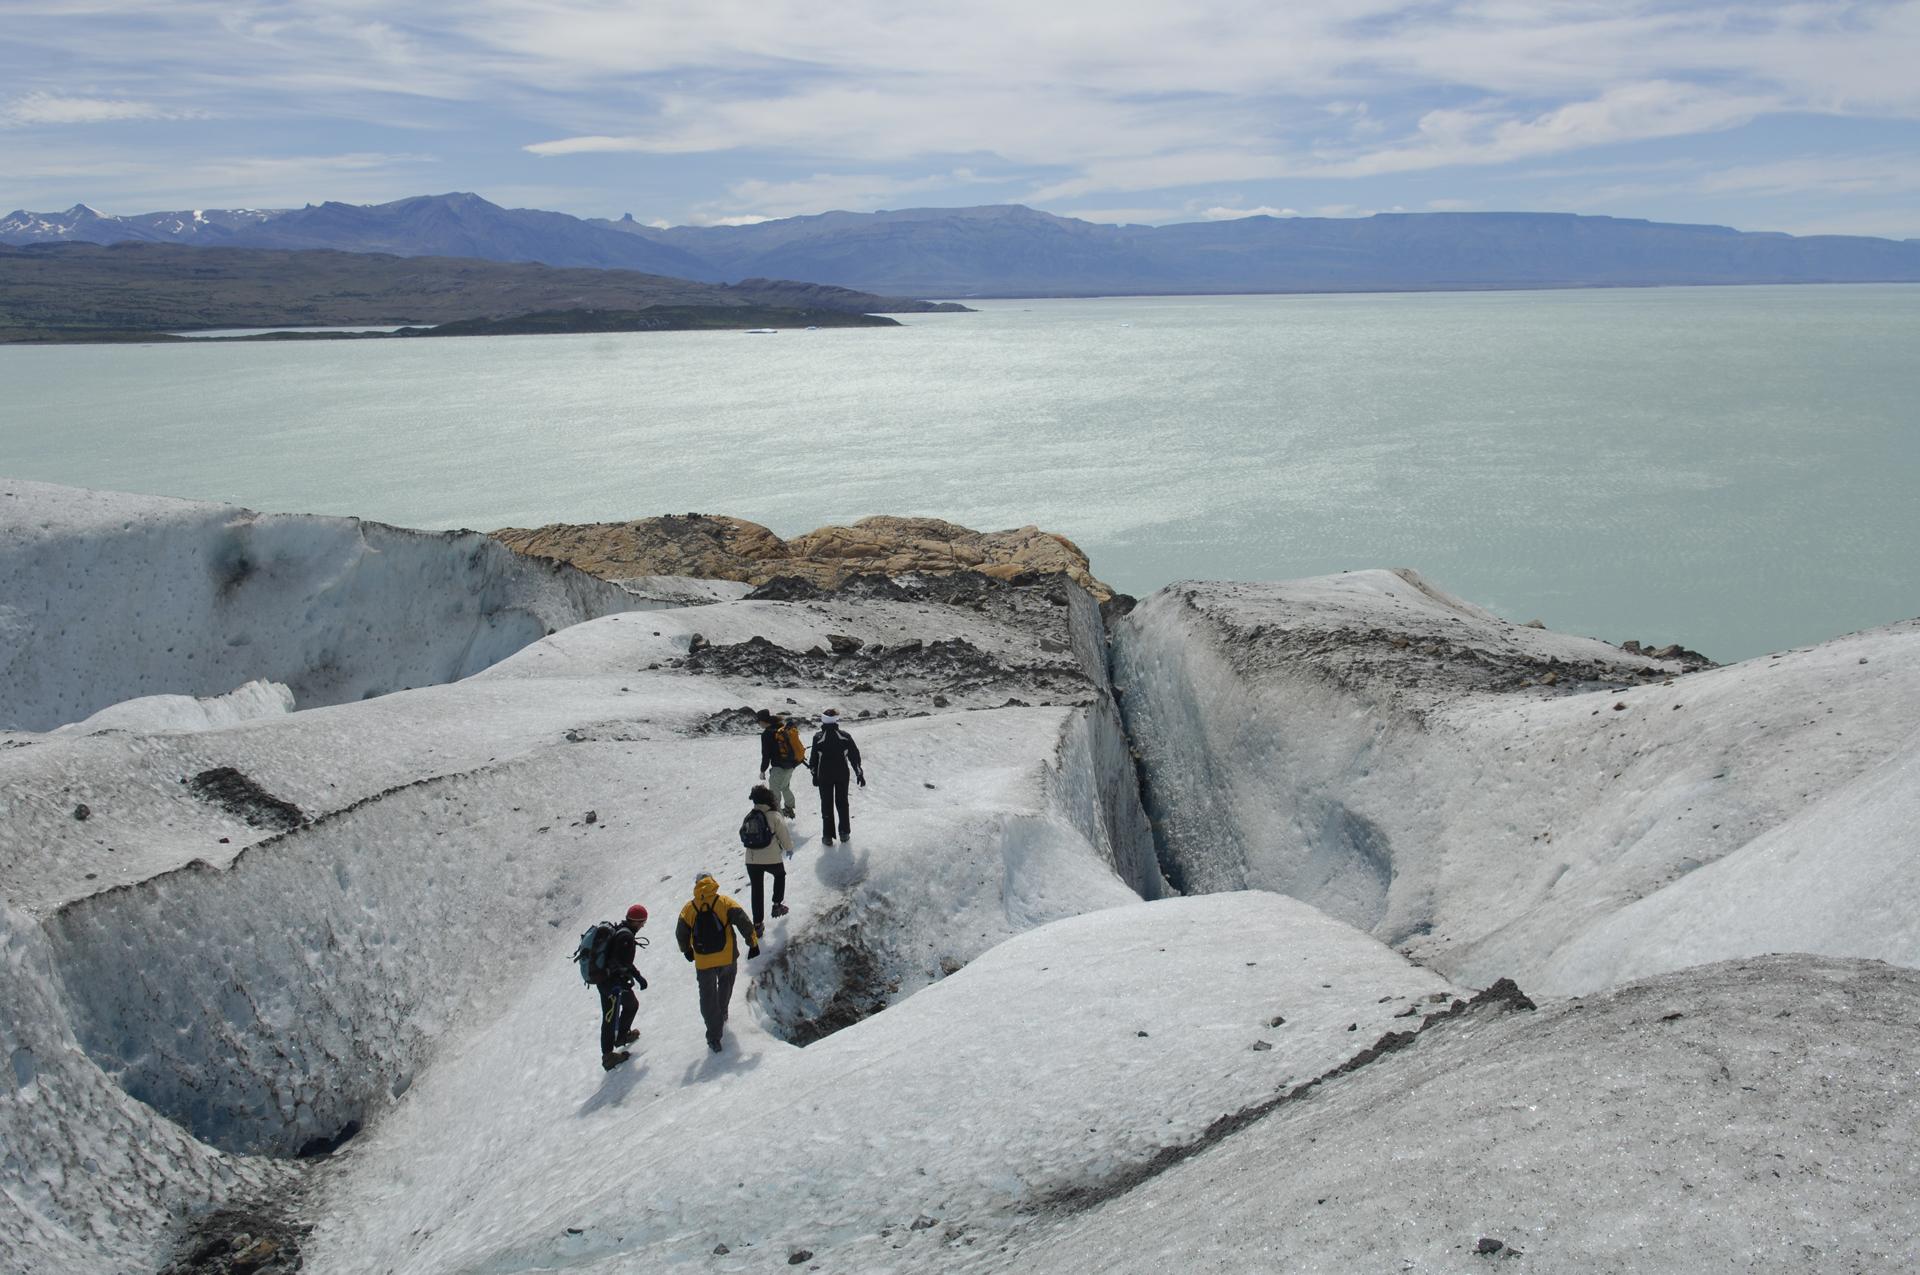 Viedma Glacier hiking